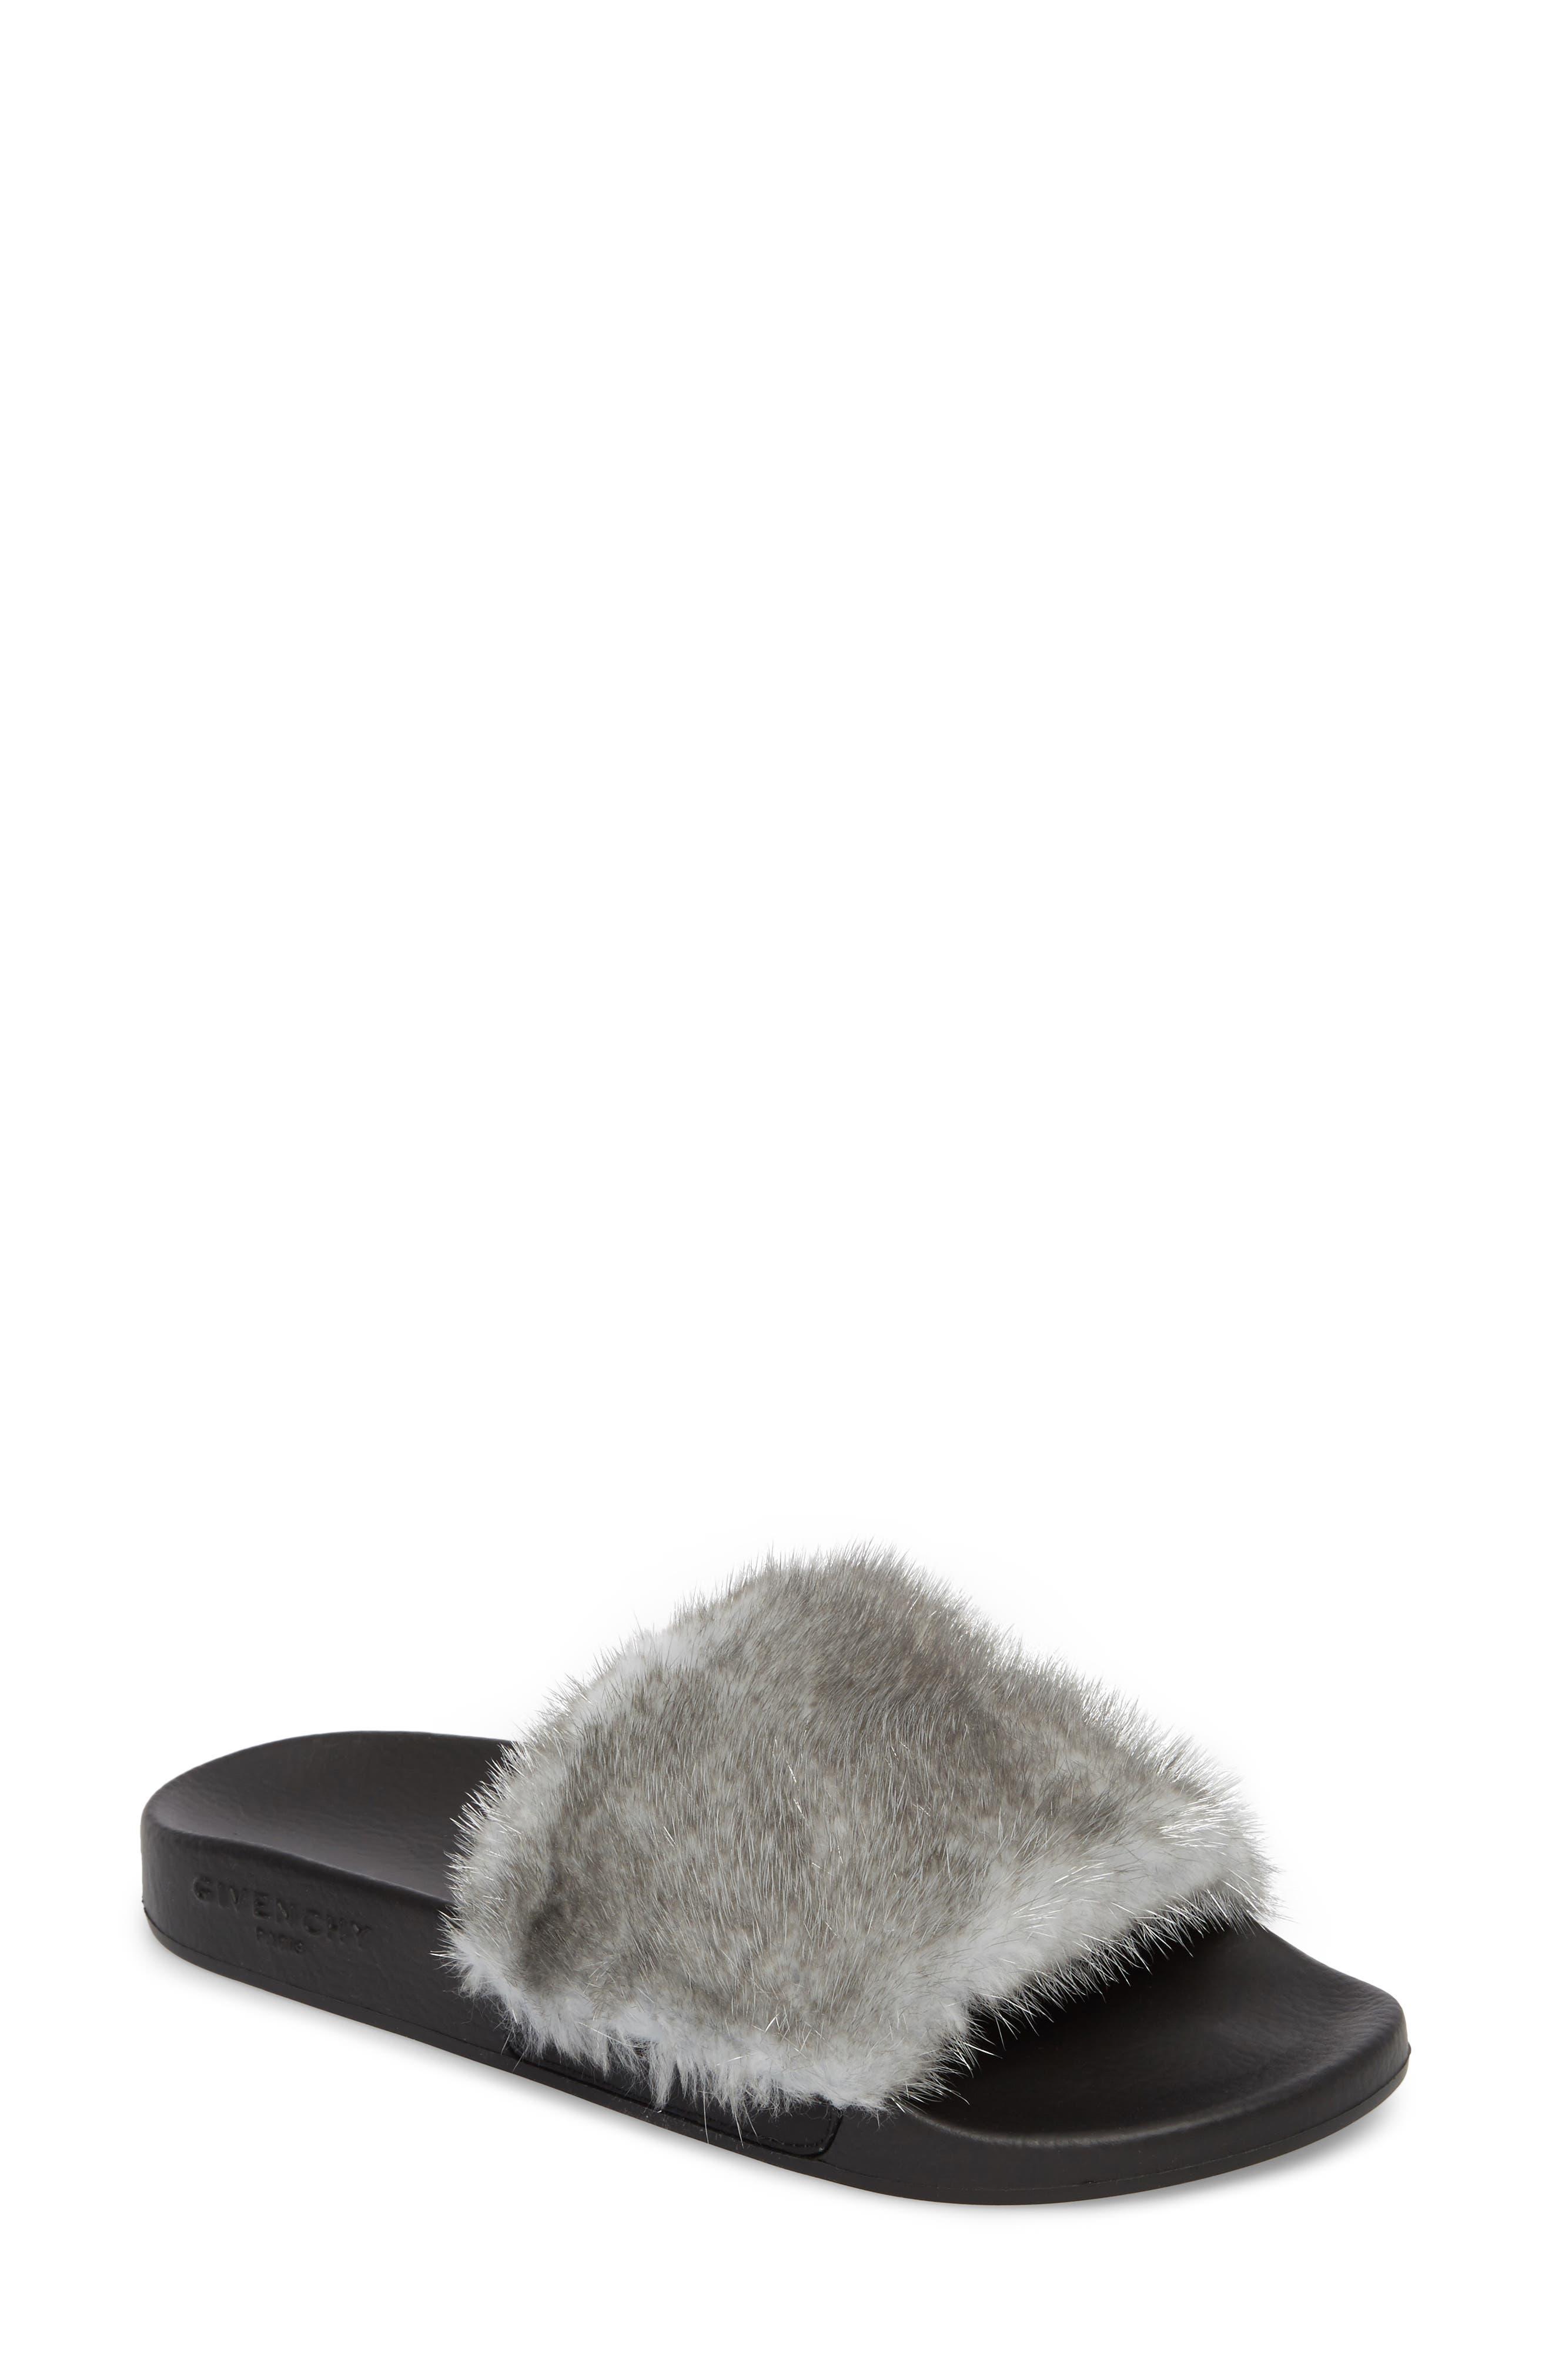 Genuine Mink Fur Slide Sandal,                         Main,                         color, Silver